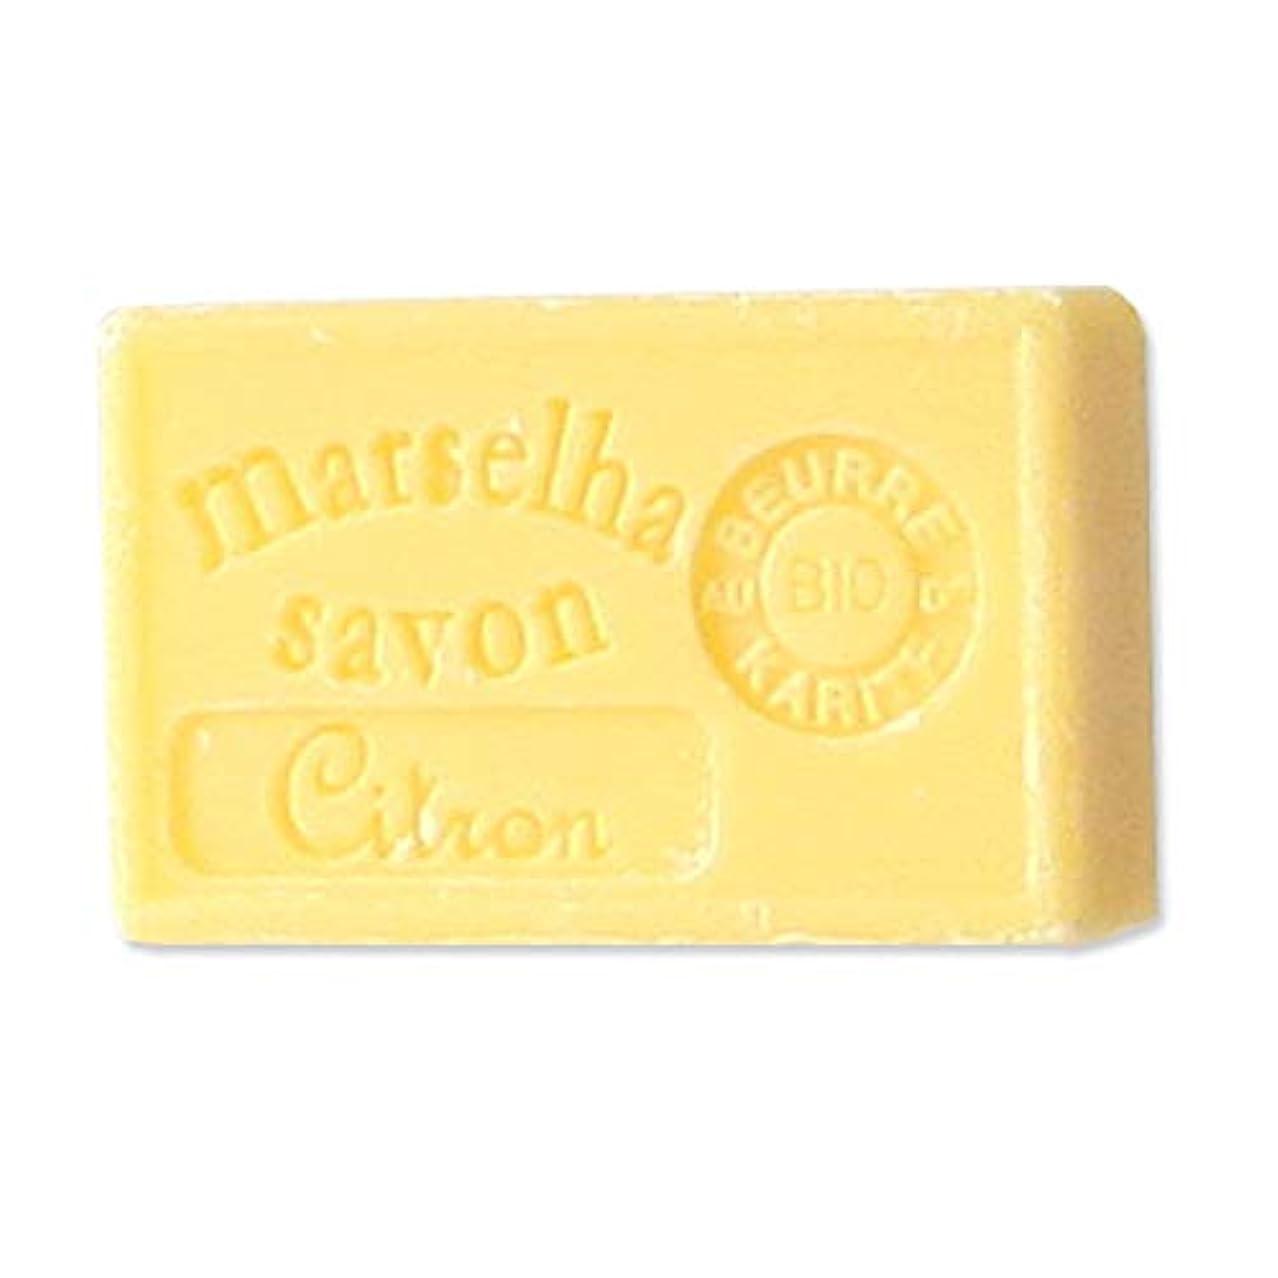 後継笑い< マルセラ > スクエアソープ レモン 125g [ マルセイユ石鹸 石けん 石鹸 せっけん アロマ石けん アロマ石鹸 ボディソープ ボディーソープ ハンドソープ ソープ マルセイユ サボンドマルセイユ ]